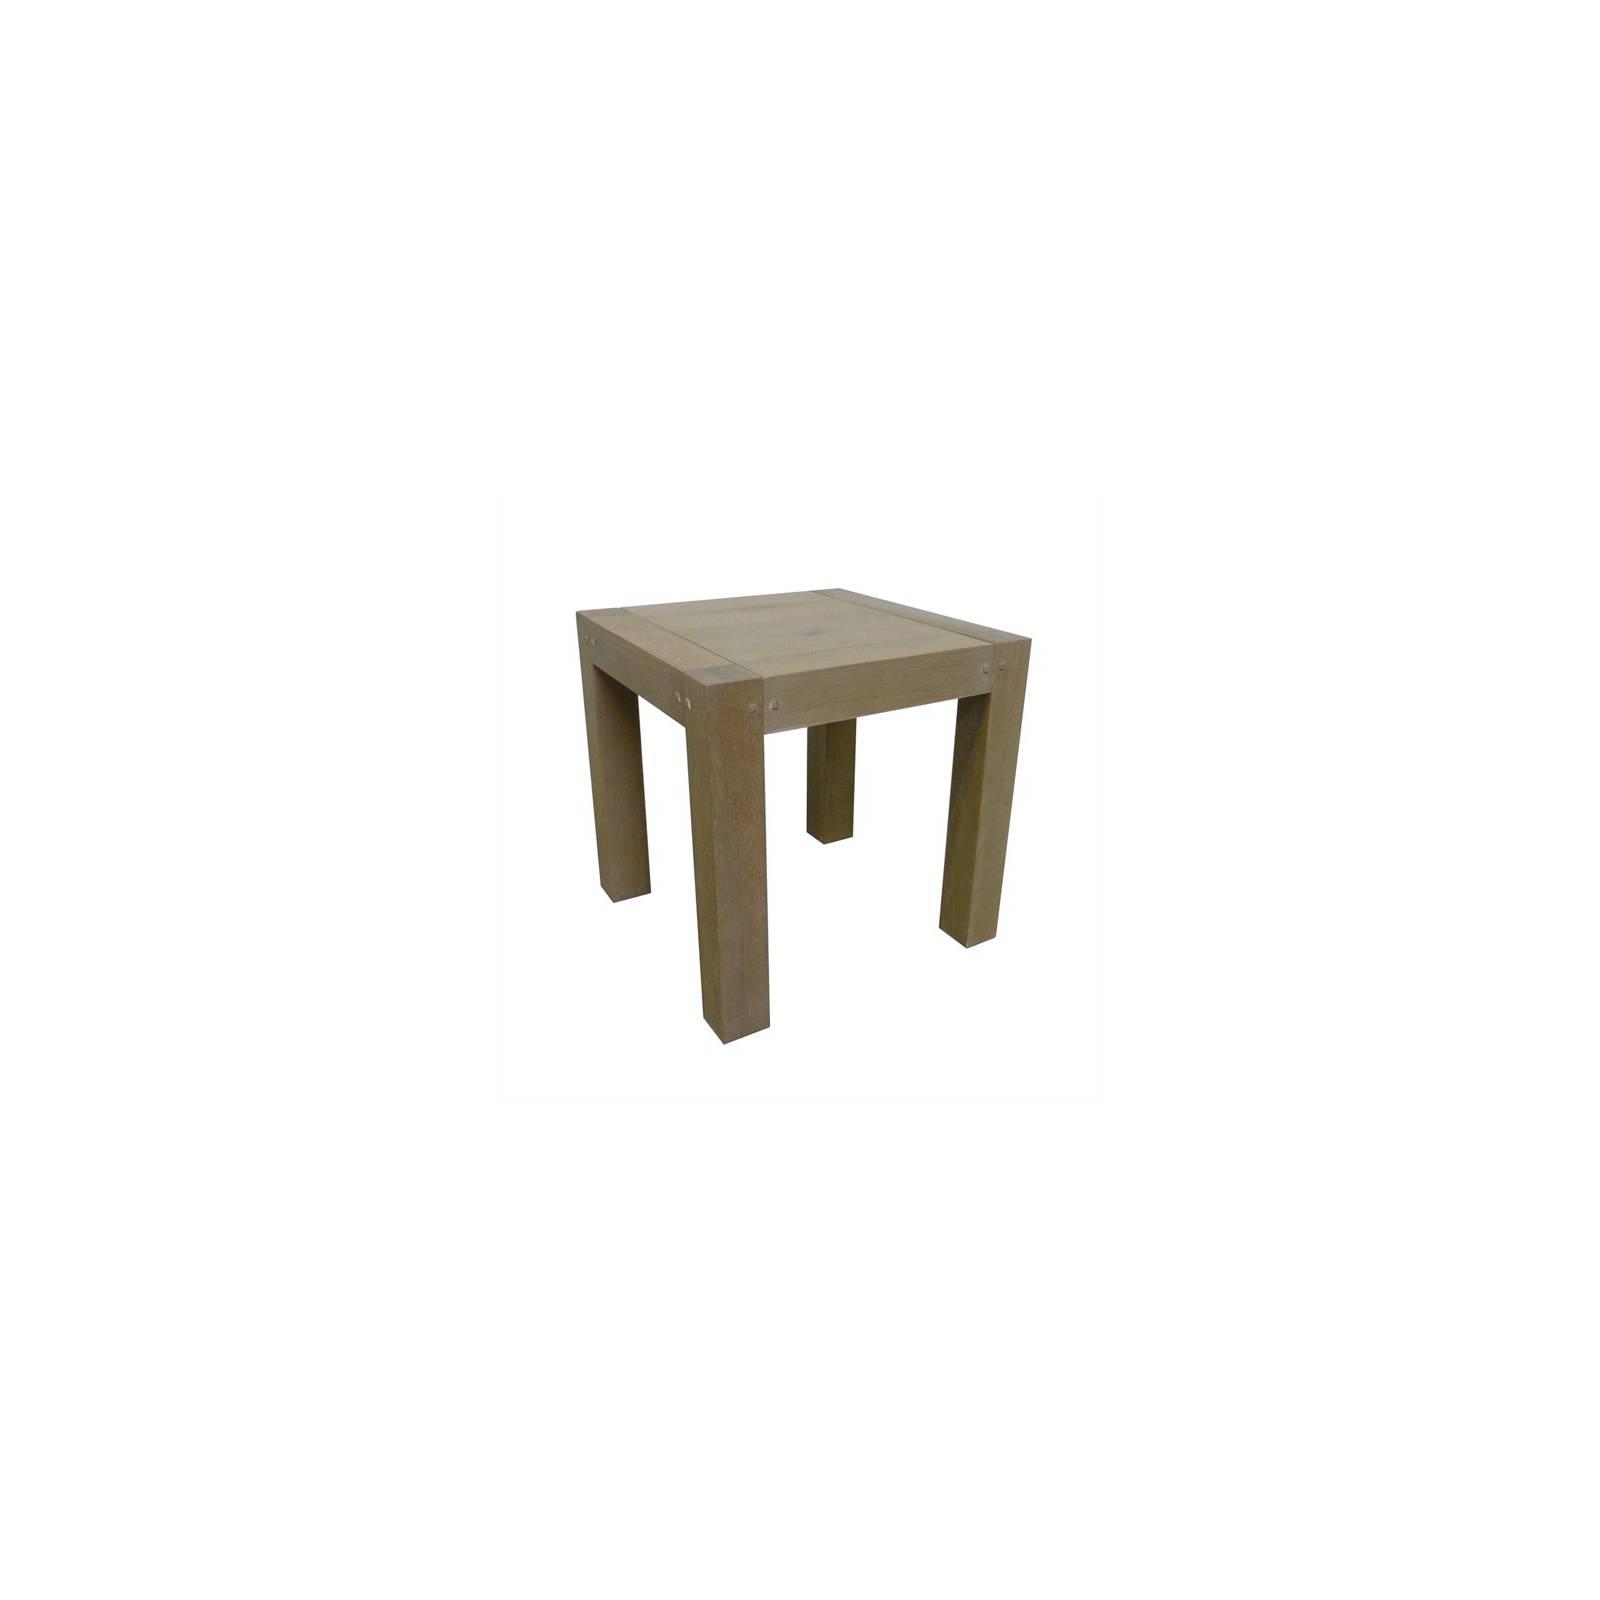 Bout De Canapé Armada Chêne - meuble design